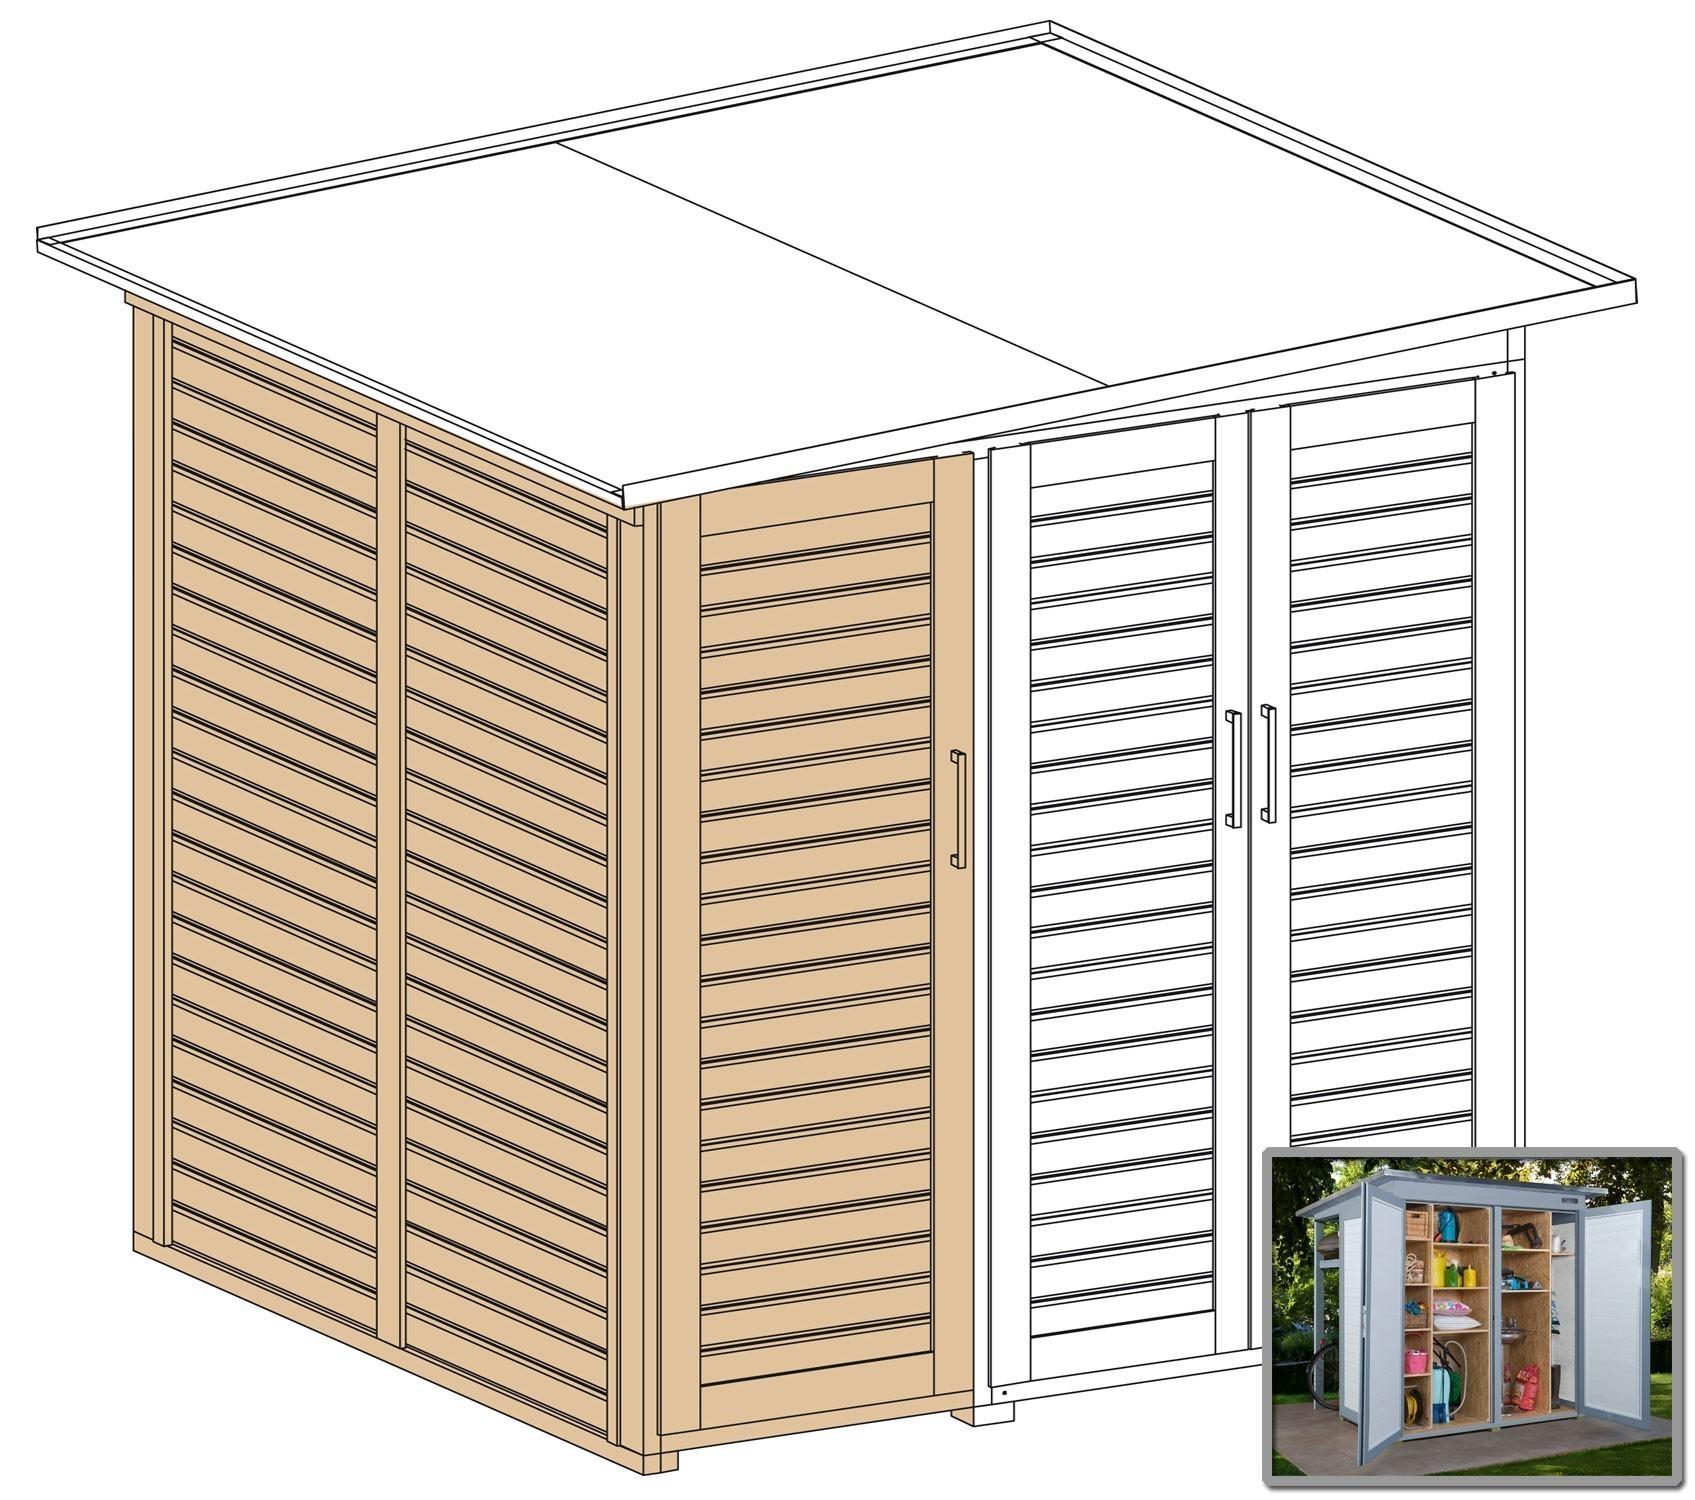 Erweiterungsbausatz für WEKA Gerätehaus GartenQ mit 2 Türen grau Bild 2